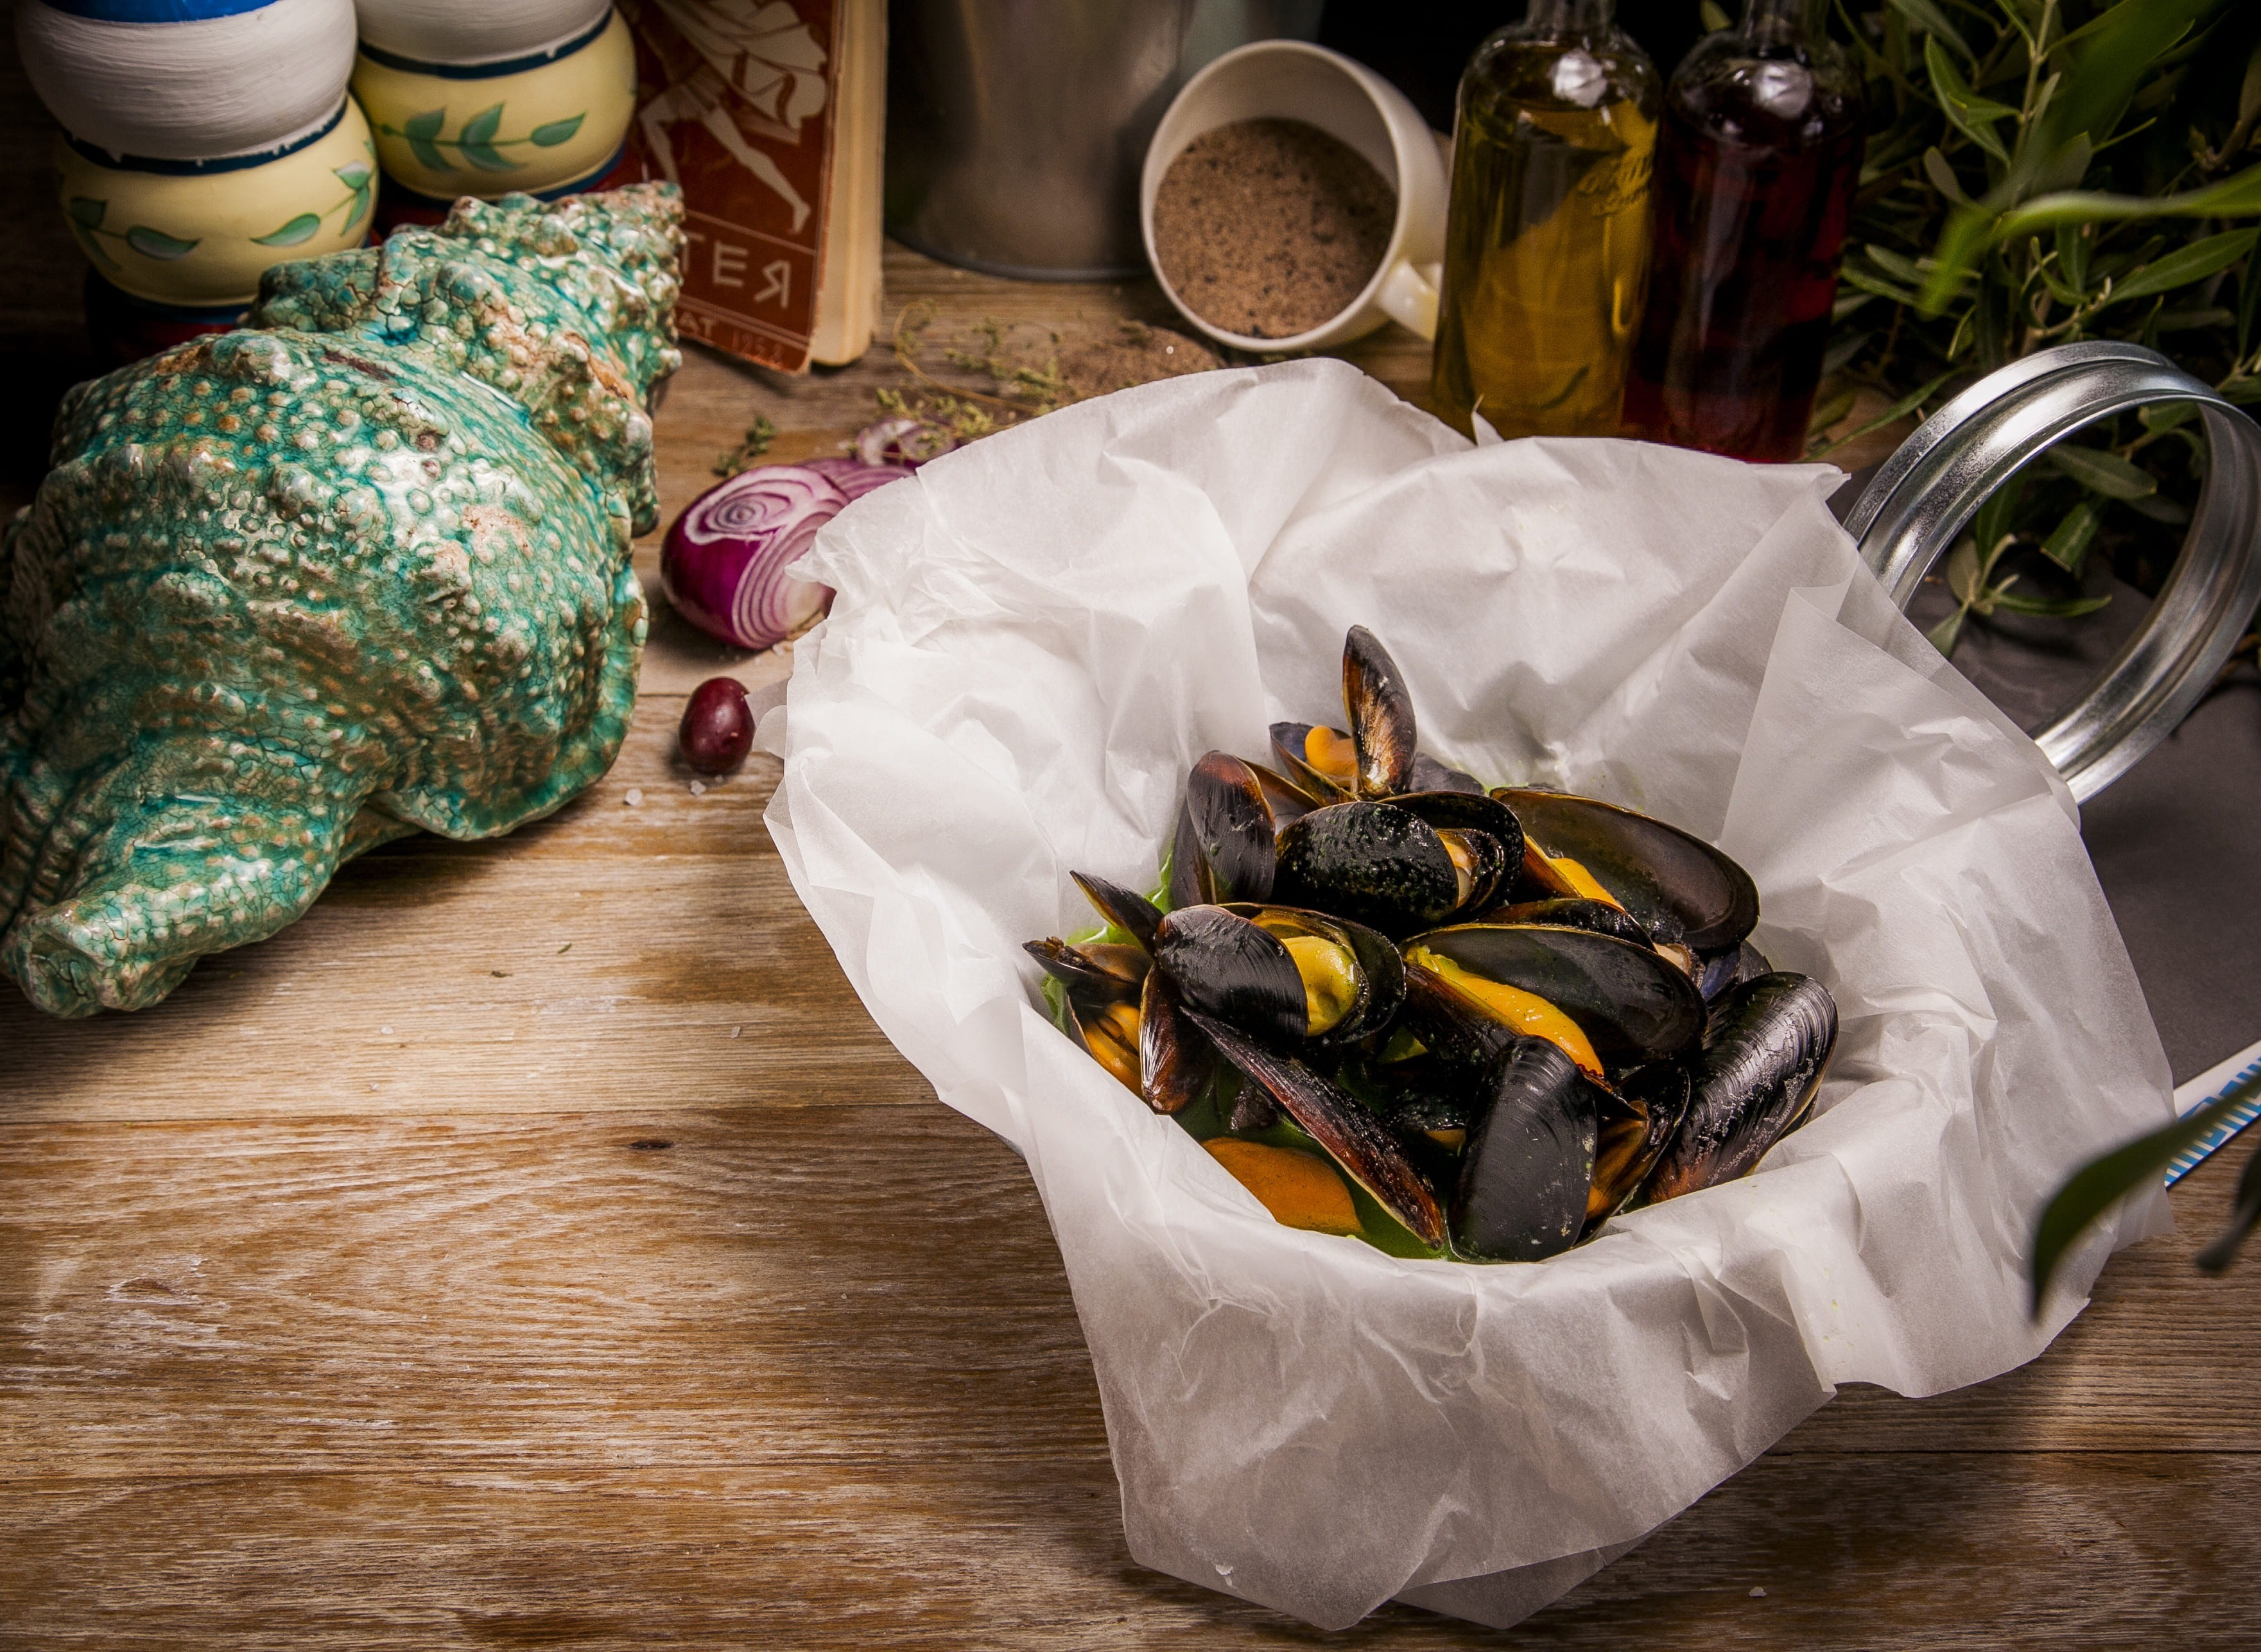 Рецепт от шефа: мидии в соусе из петрушки и имбиря